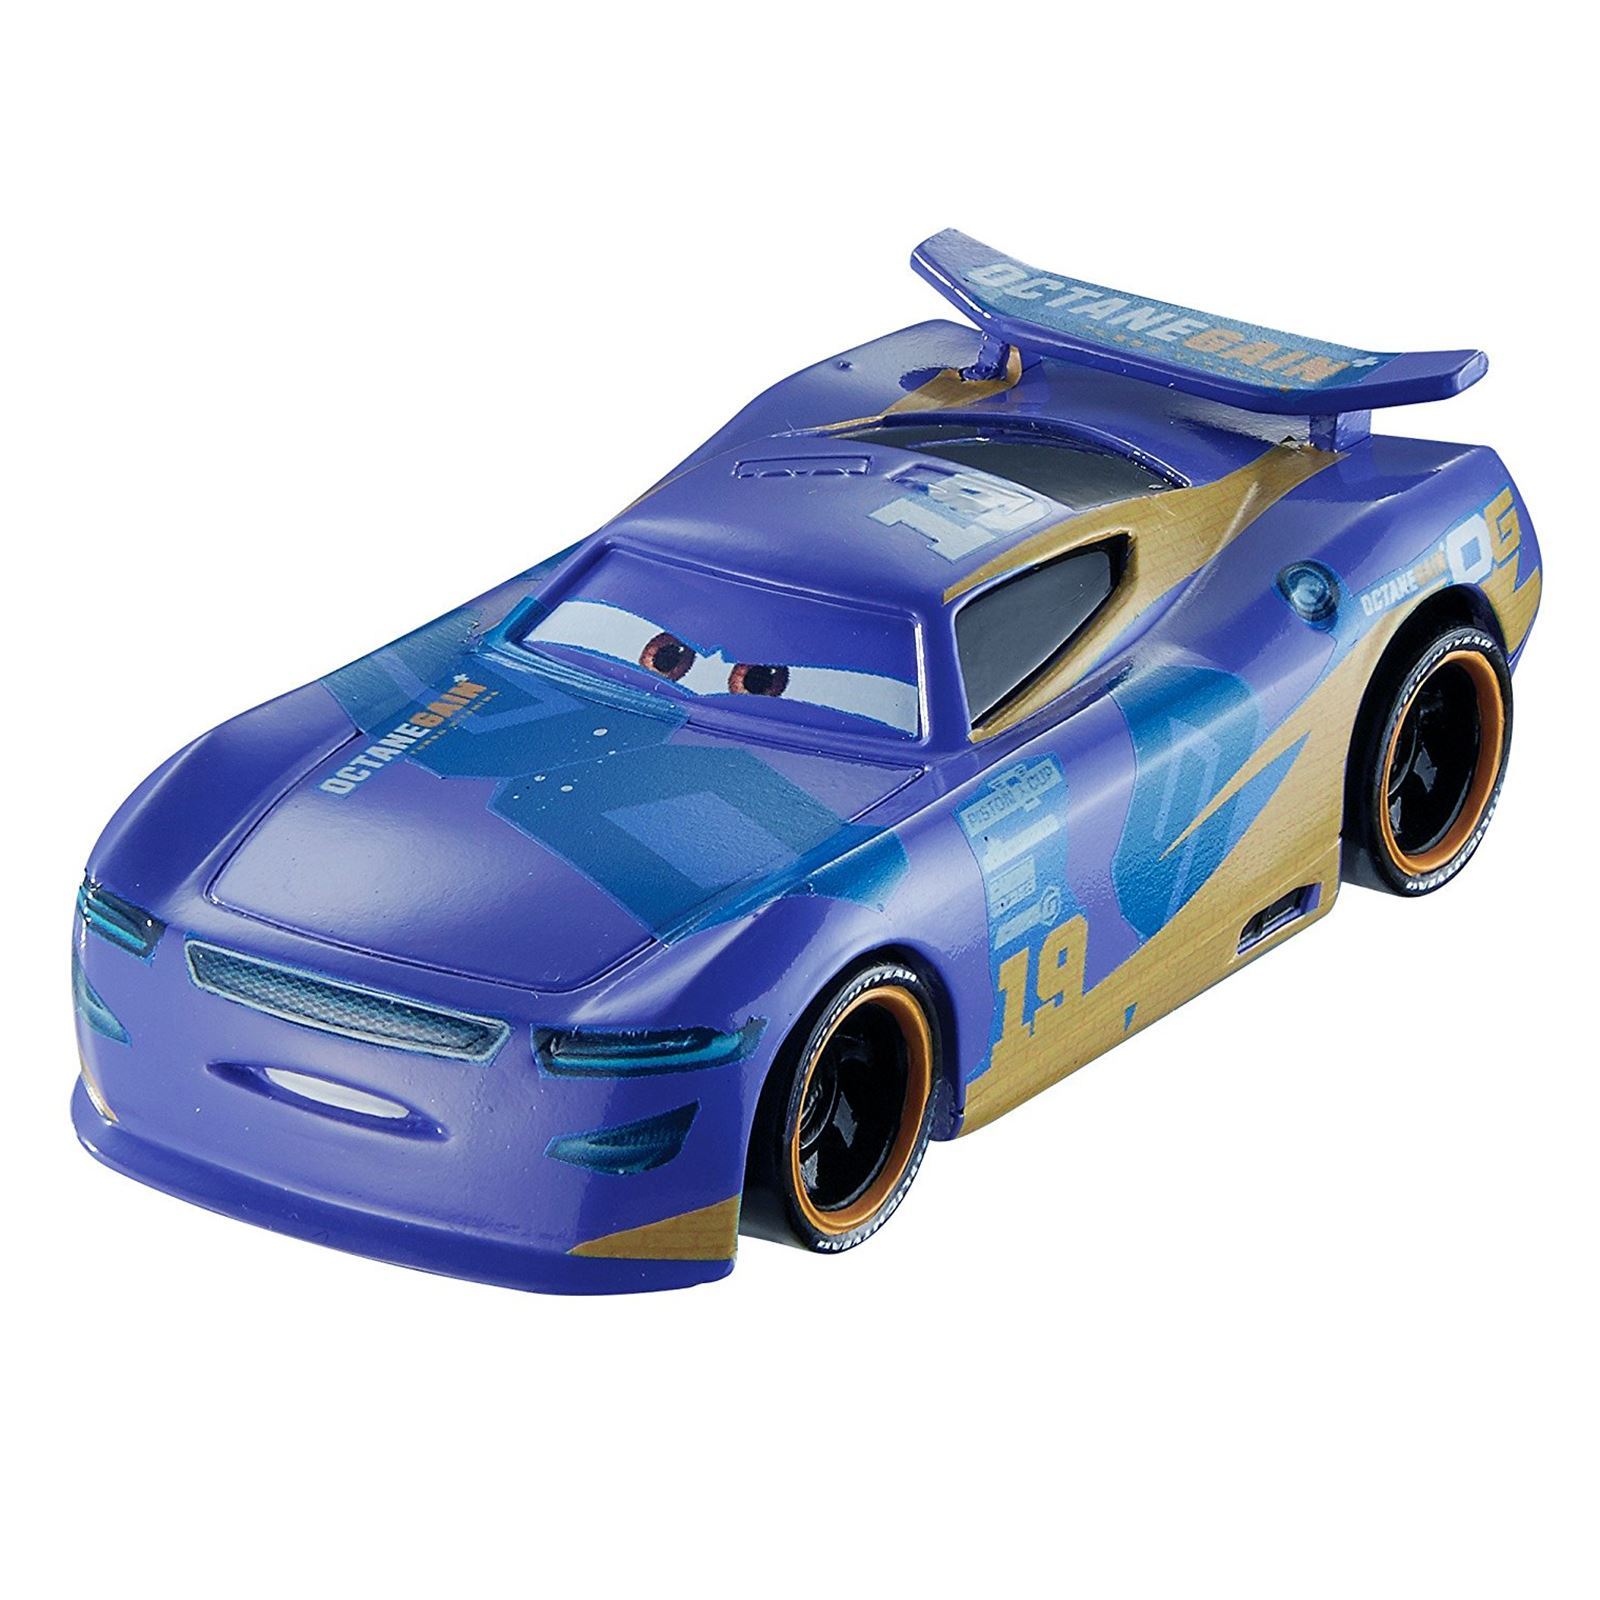 Disney Pixar Cars 3 Piston Cup Metal Die-Cast Vehicle Car